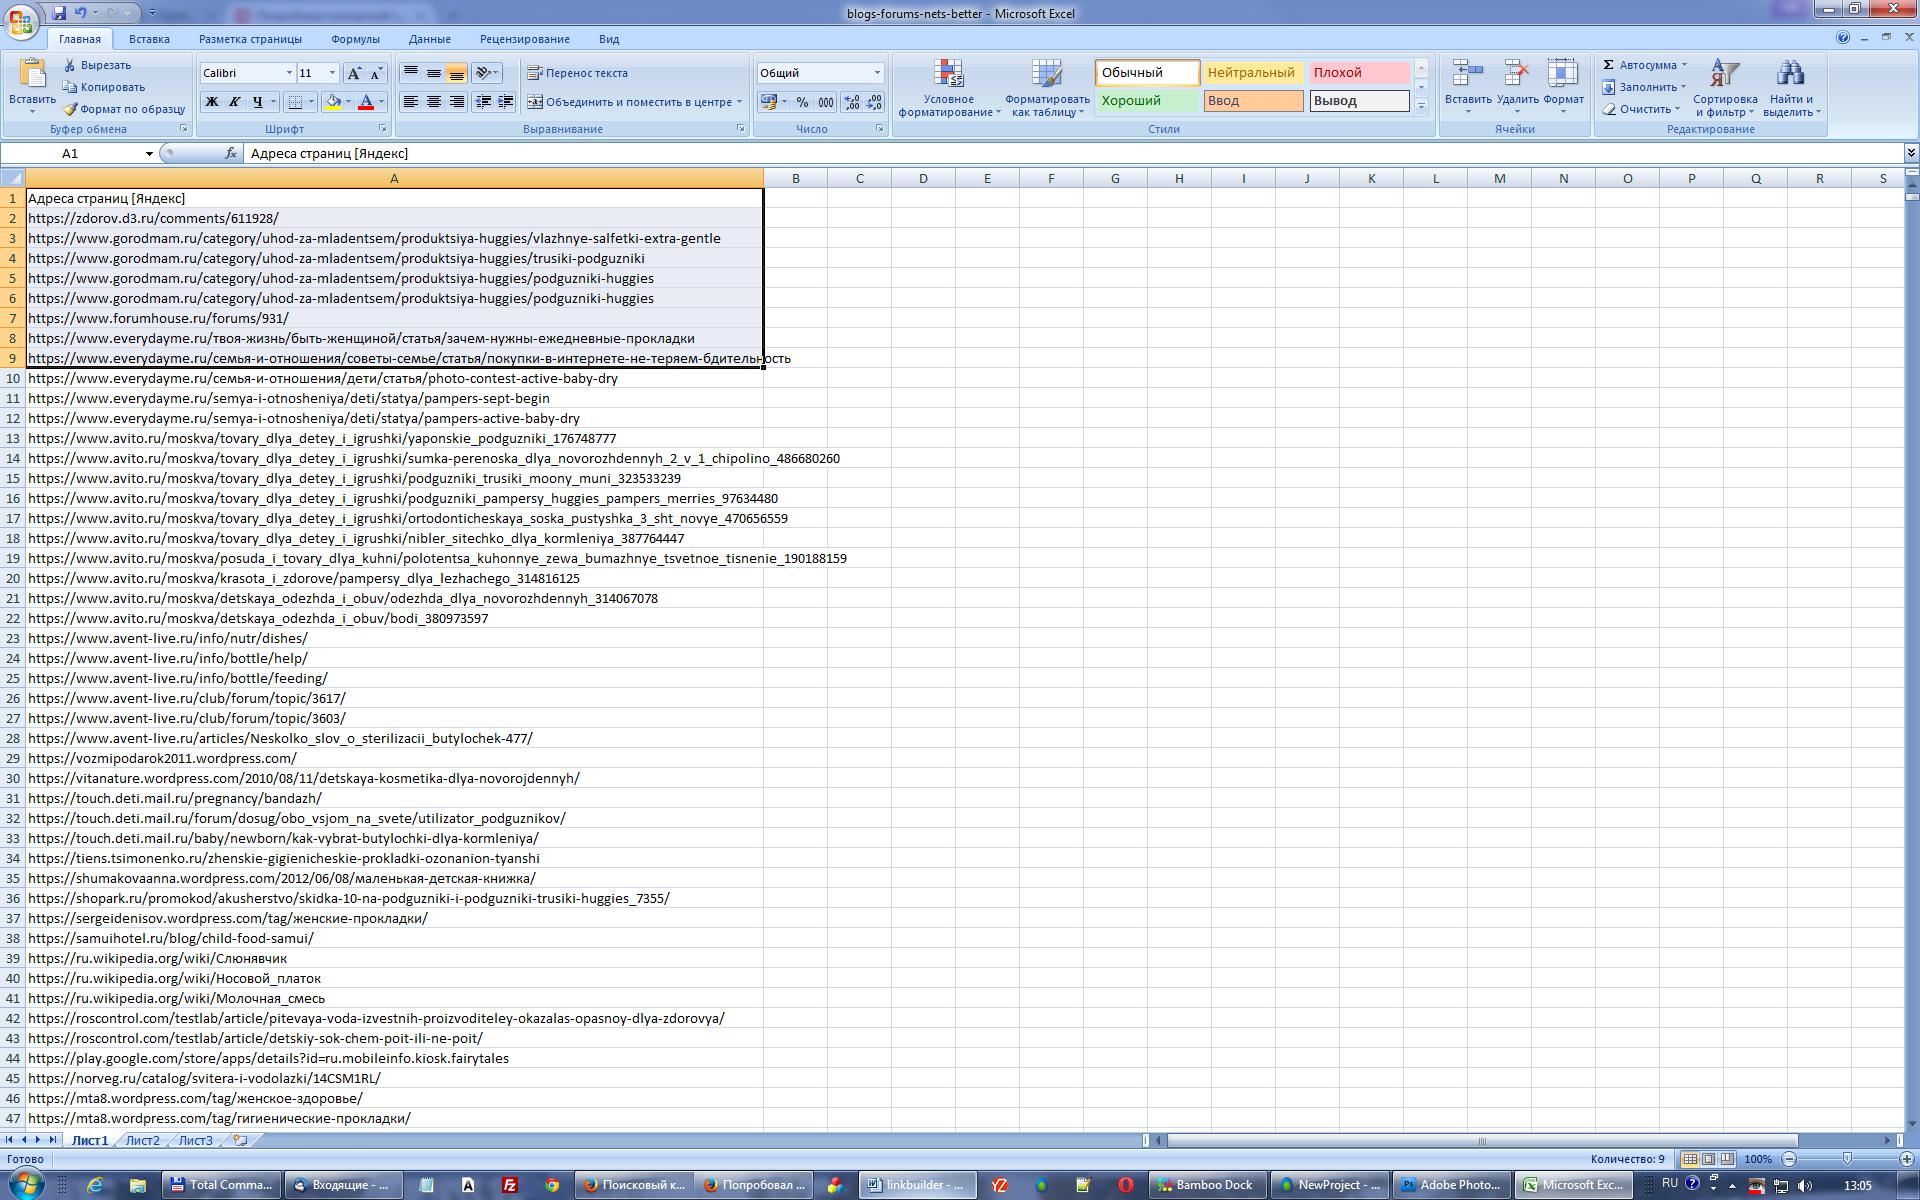 Сортировка по алфавиту в Excel